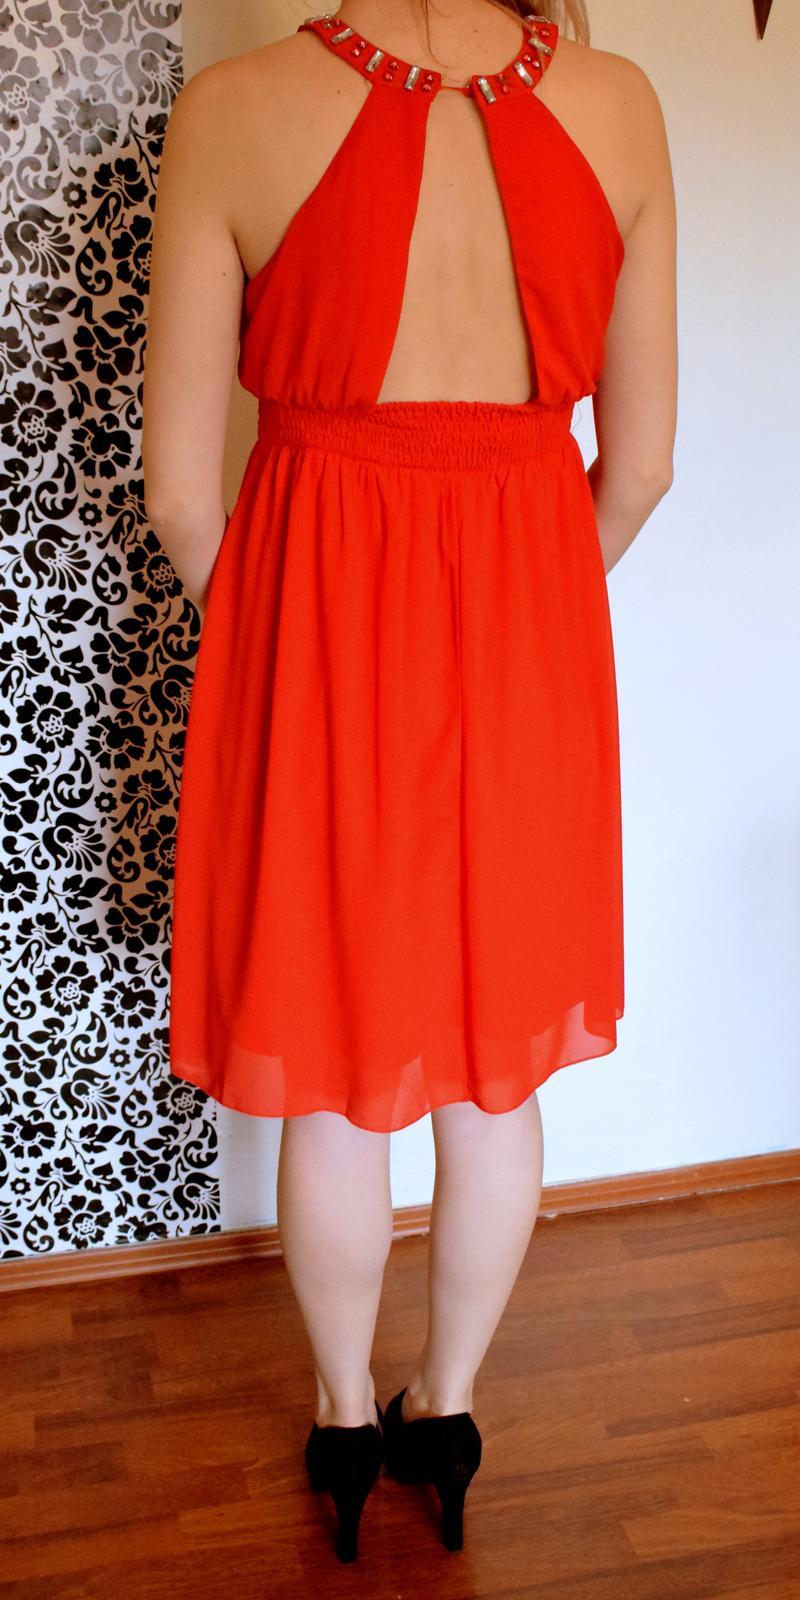 Spoločenské šaty krátke červené S / 36 - Obrázok č. 2